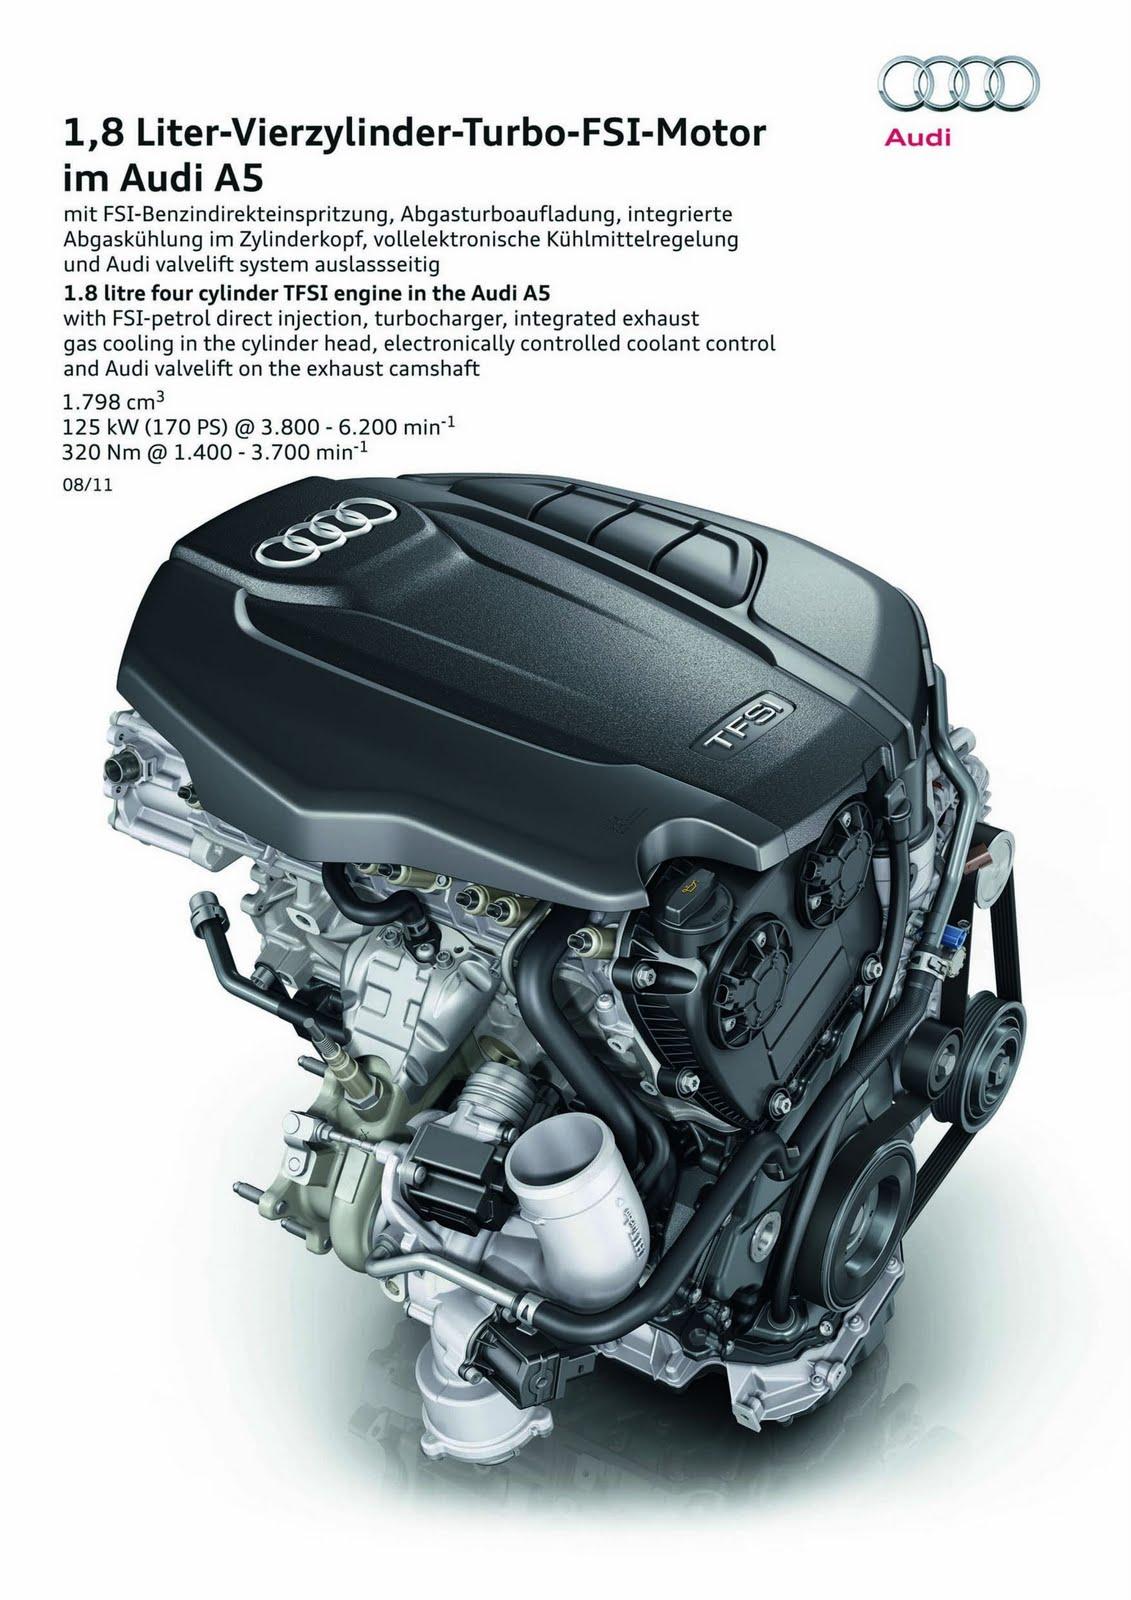 Revista Coche Motores Audi